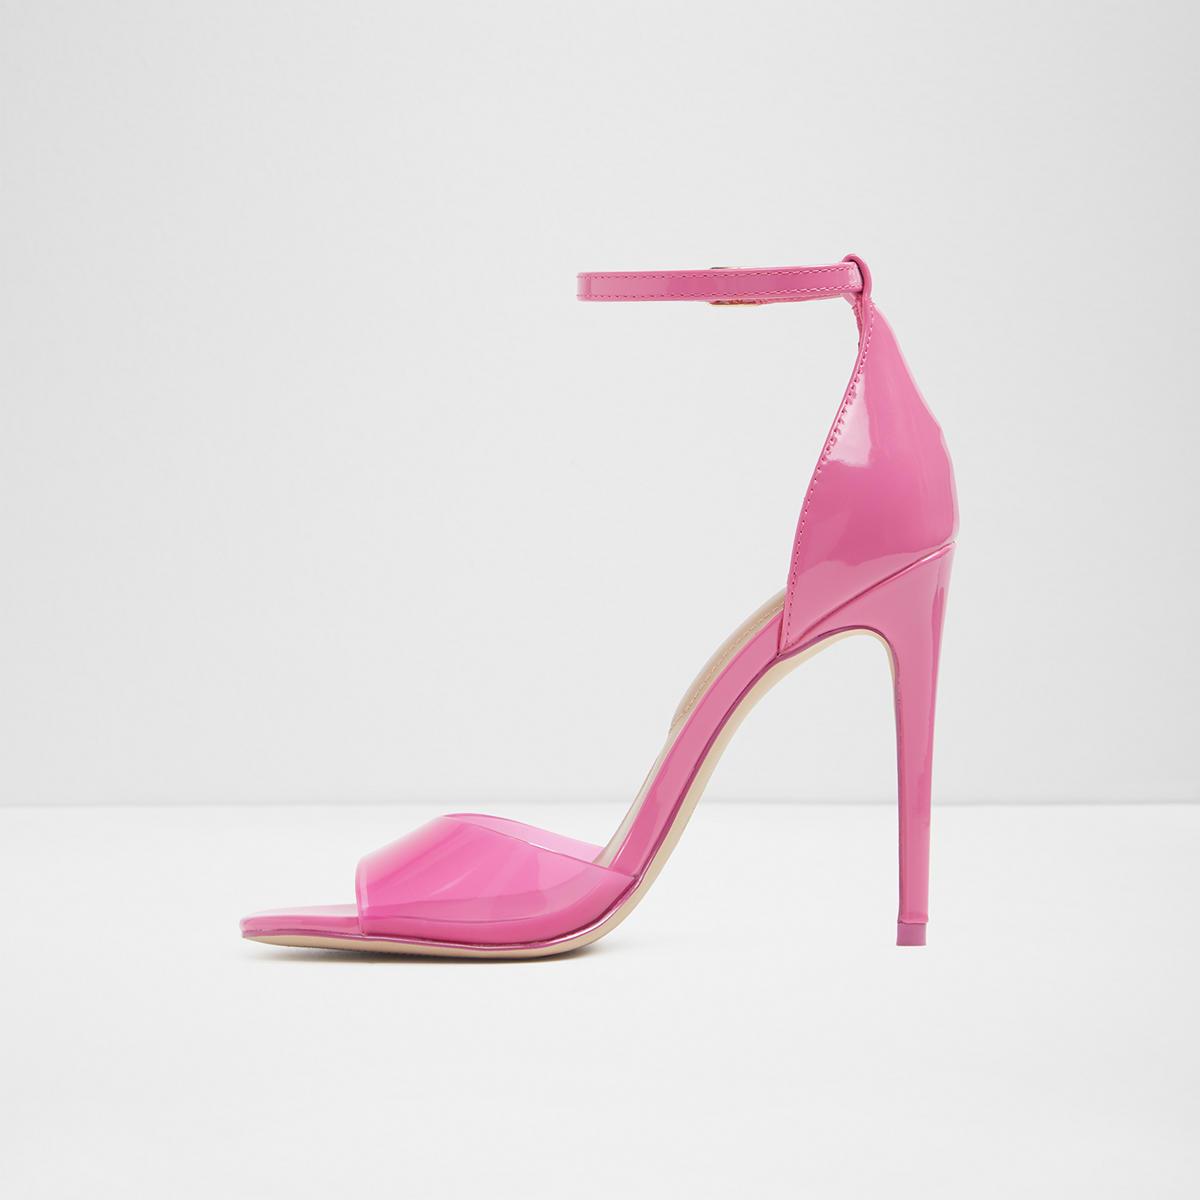 8e82e3e7e1ac Ligoria Light Pink Women s Heels